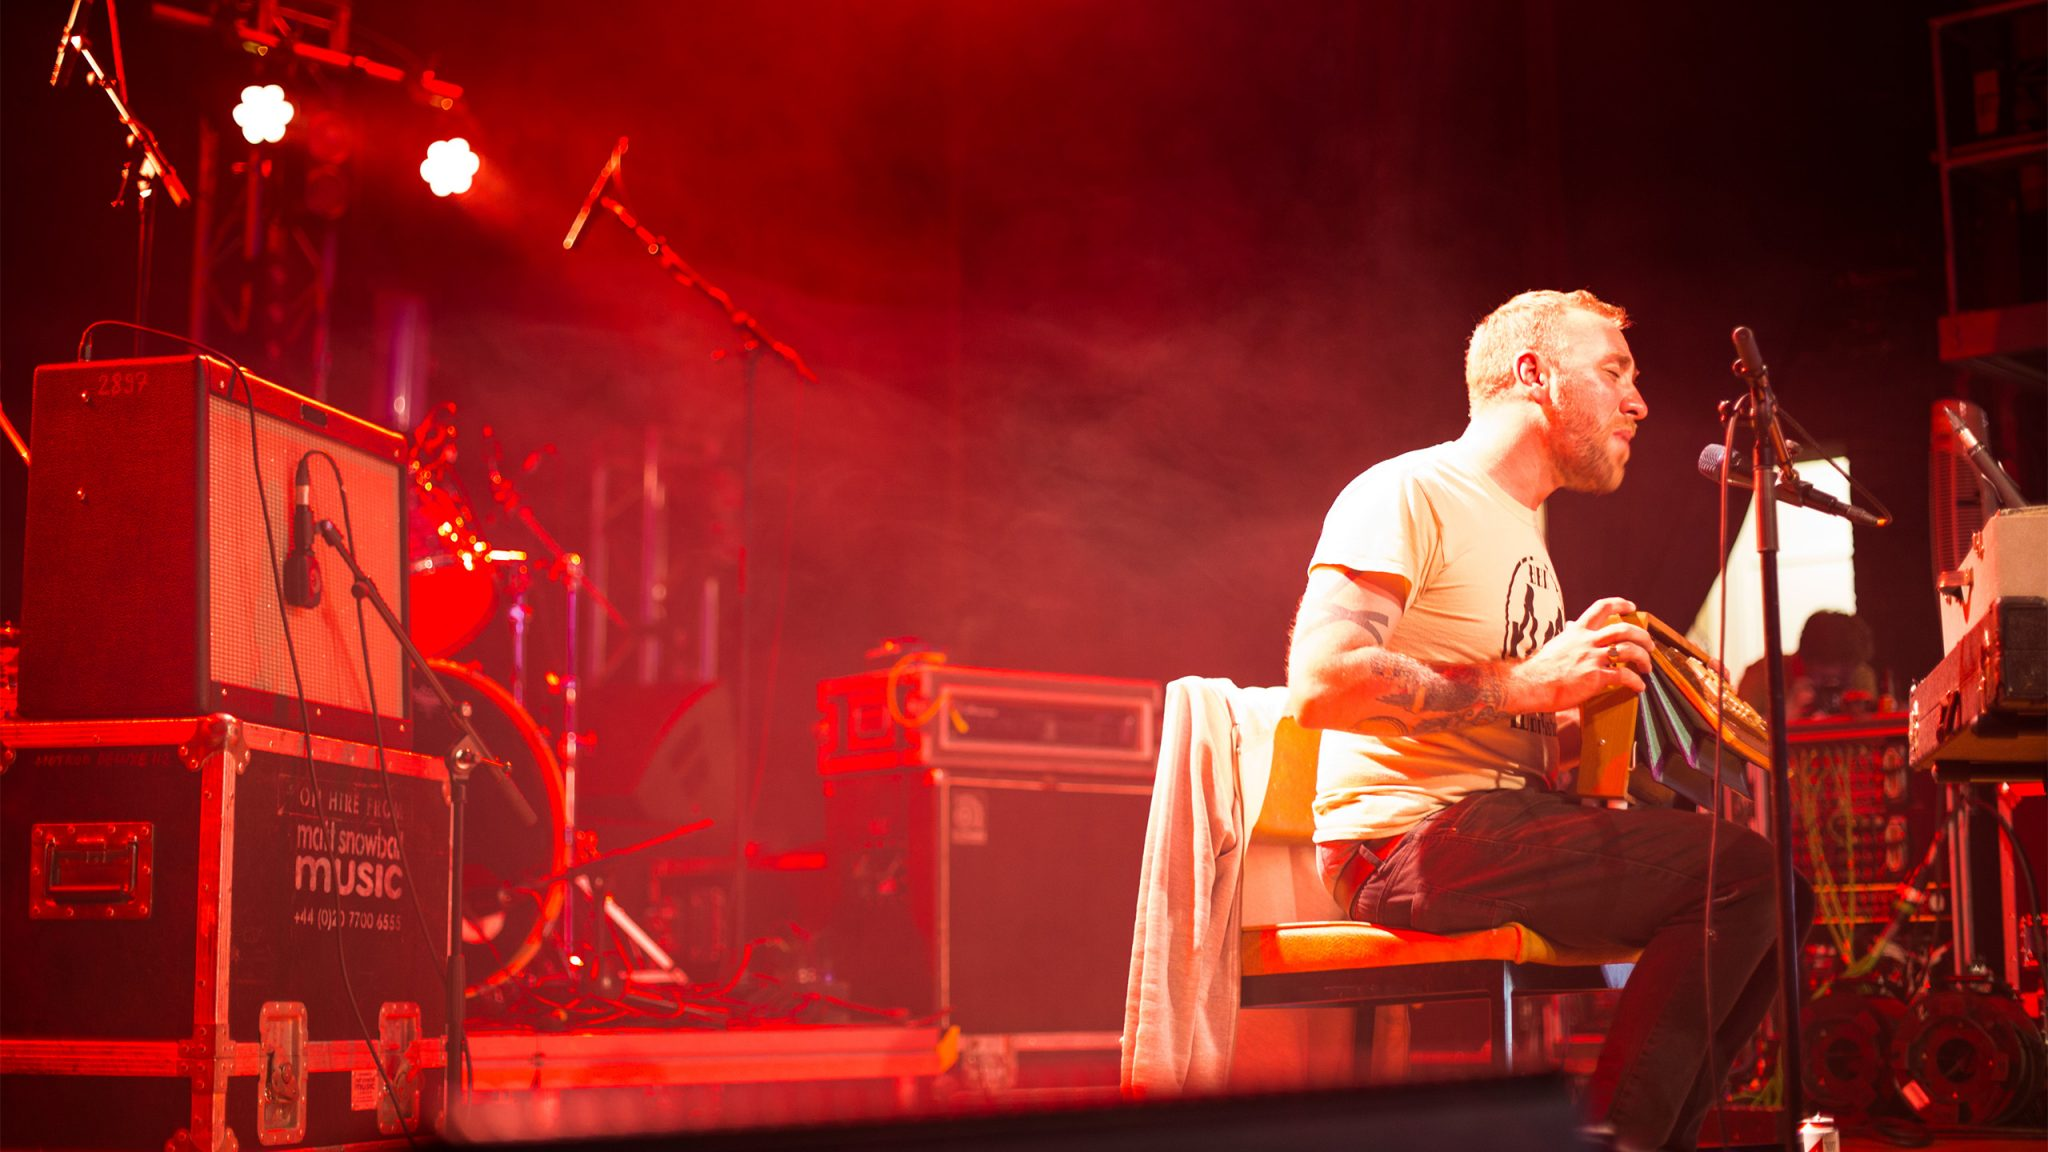 Sea Change Festival 2016, organised by Drift Music in Totnes Devon.